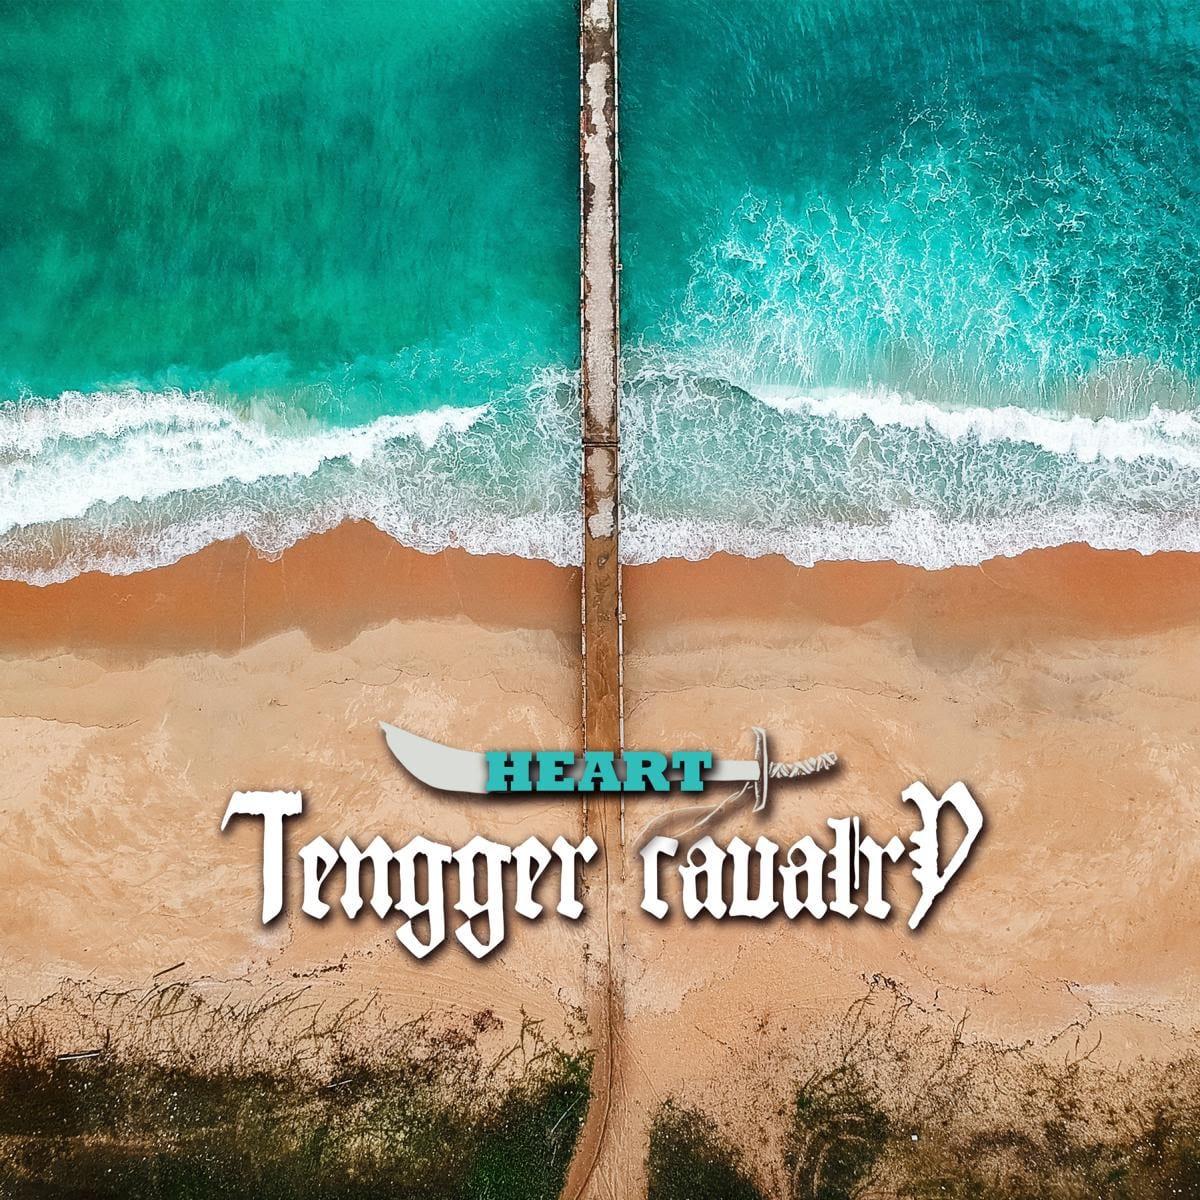 Tengger-Cavalry-Heart Single